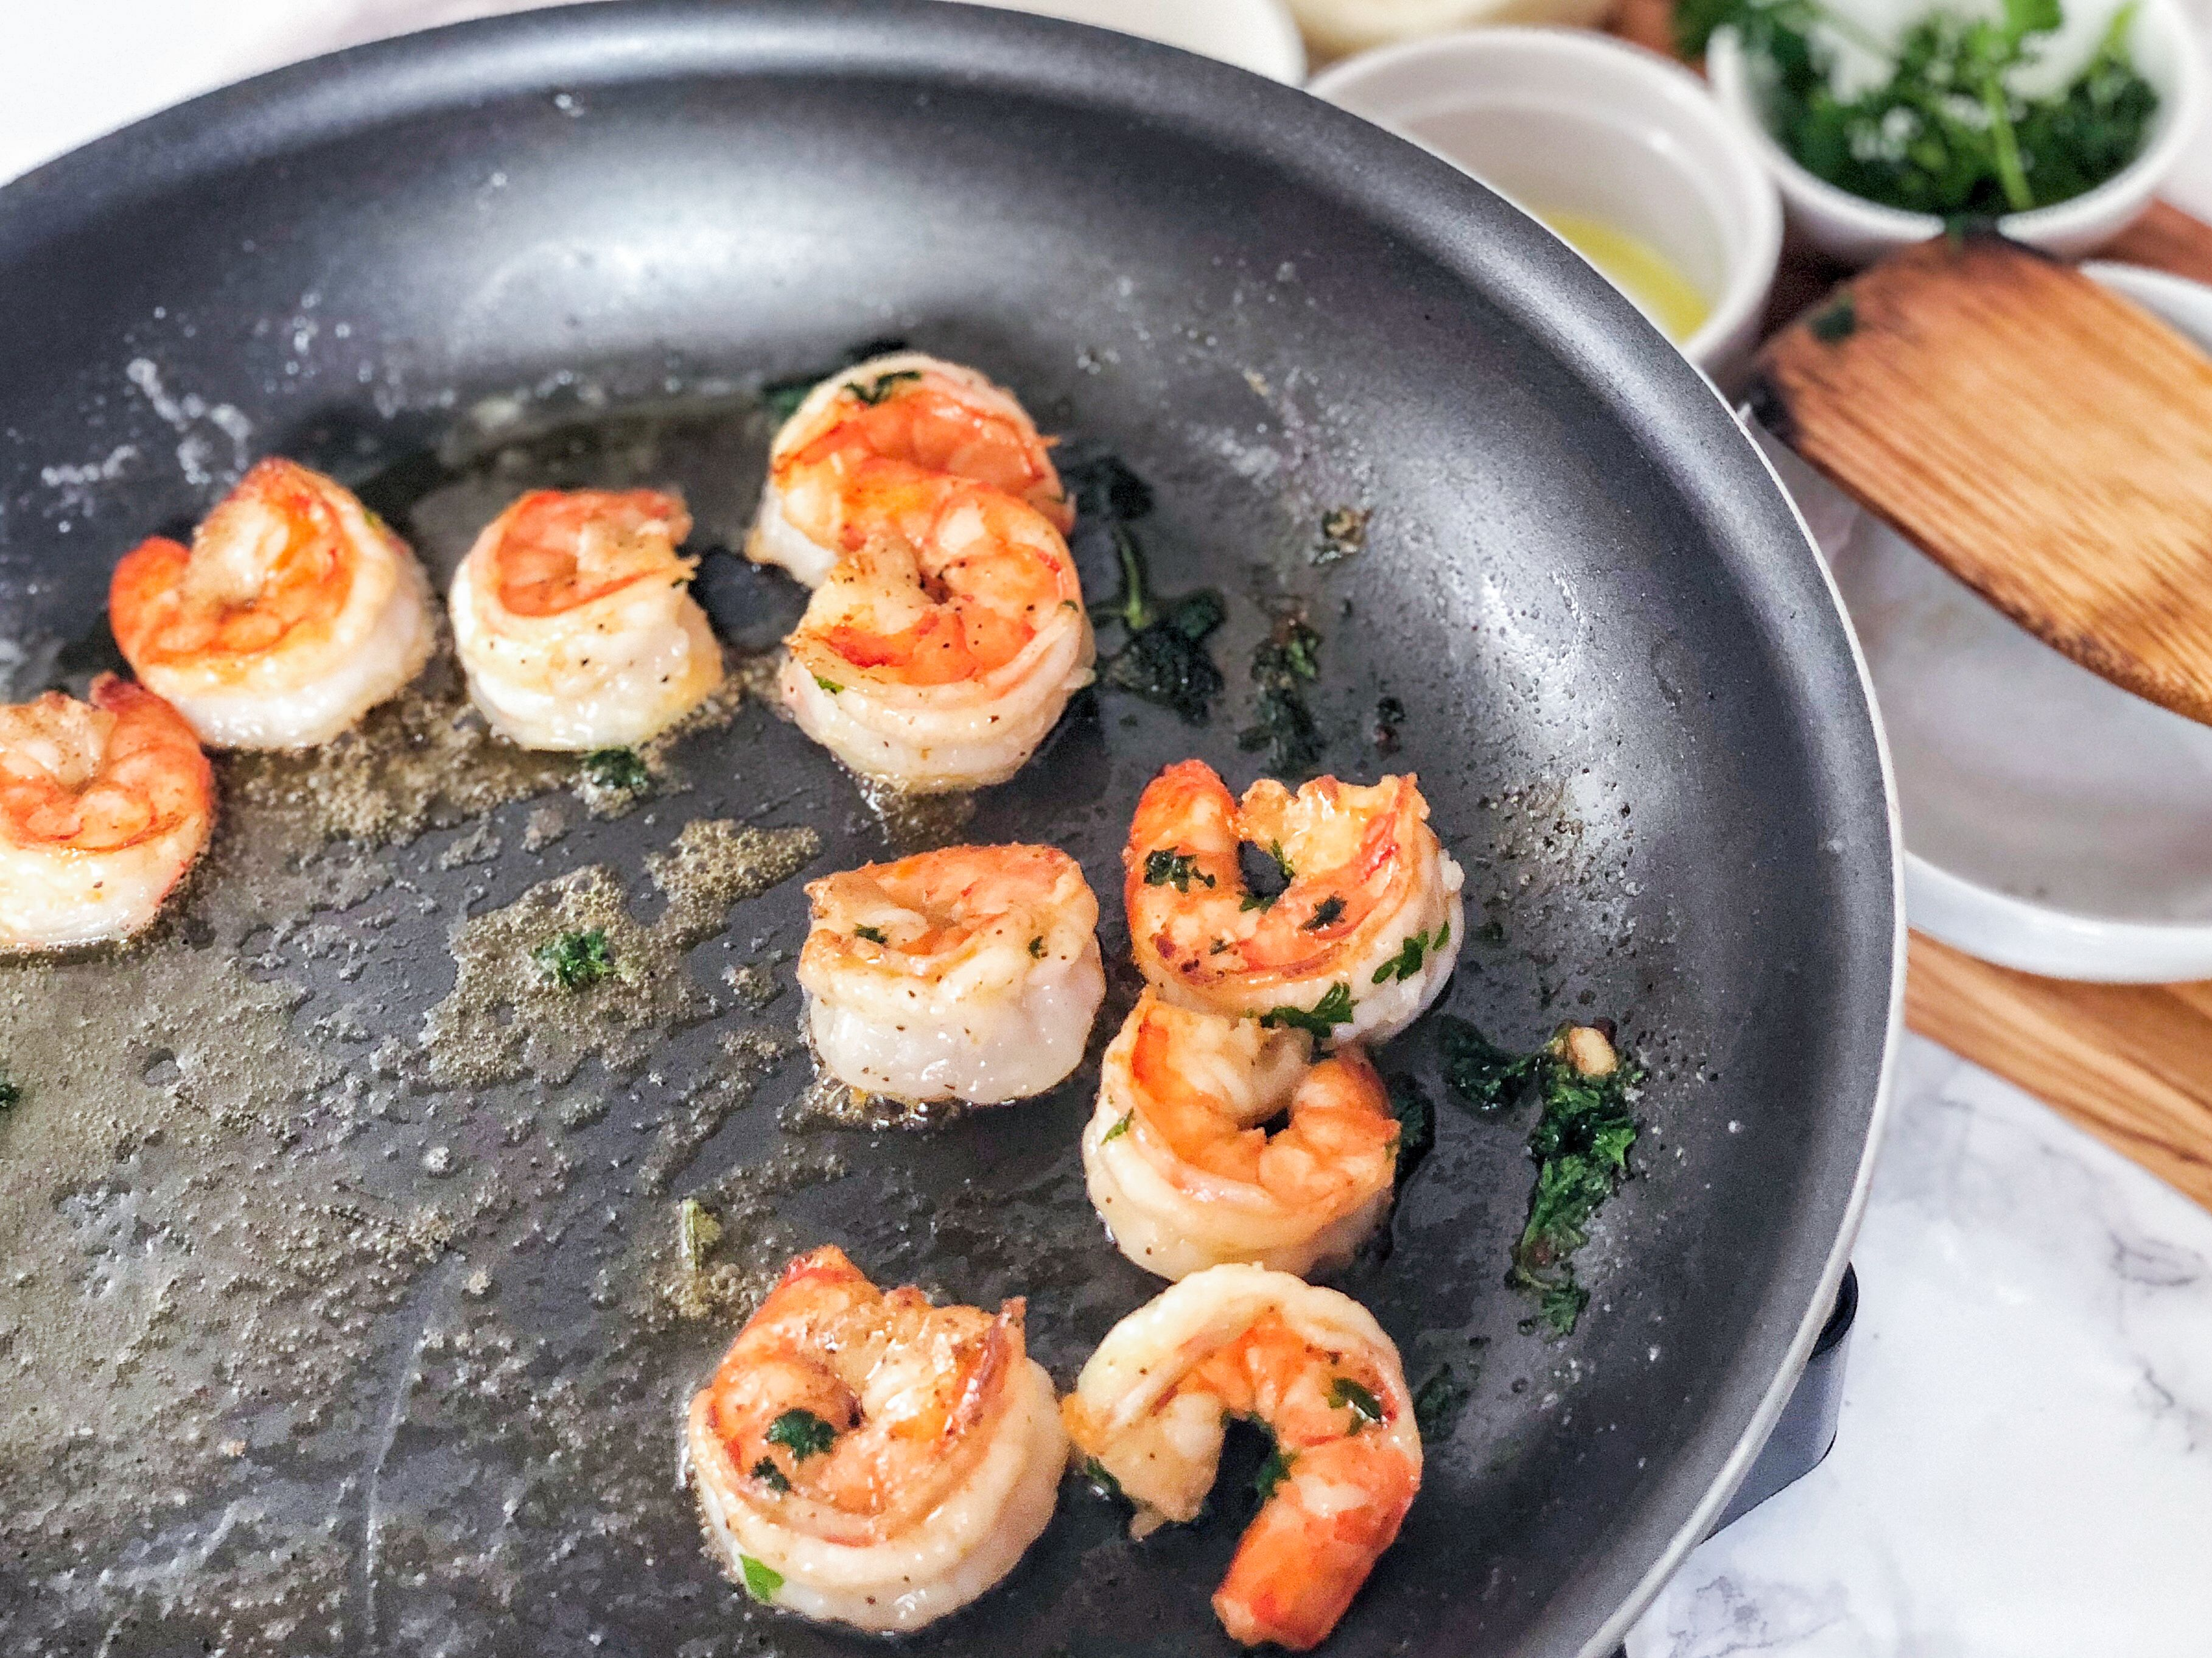 Cook shrimp until pink